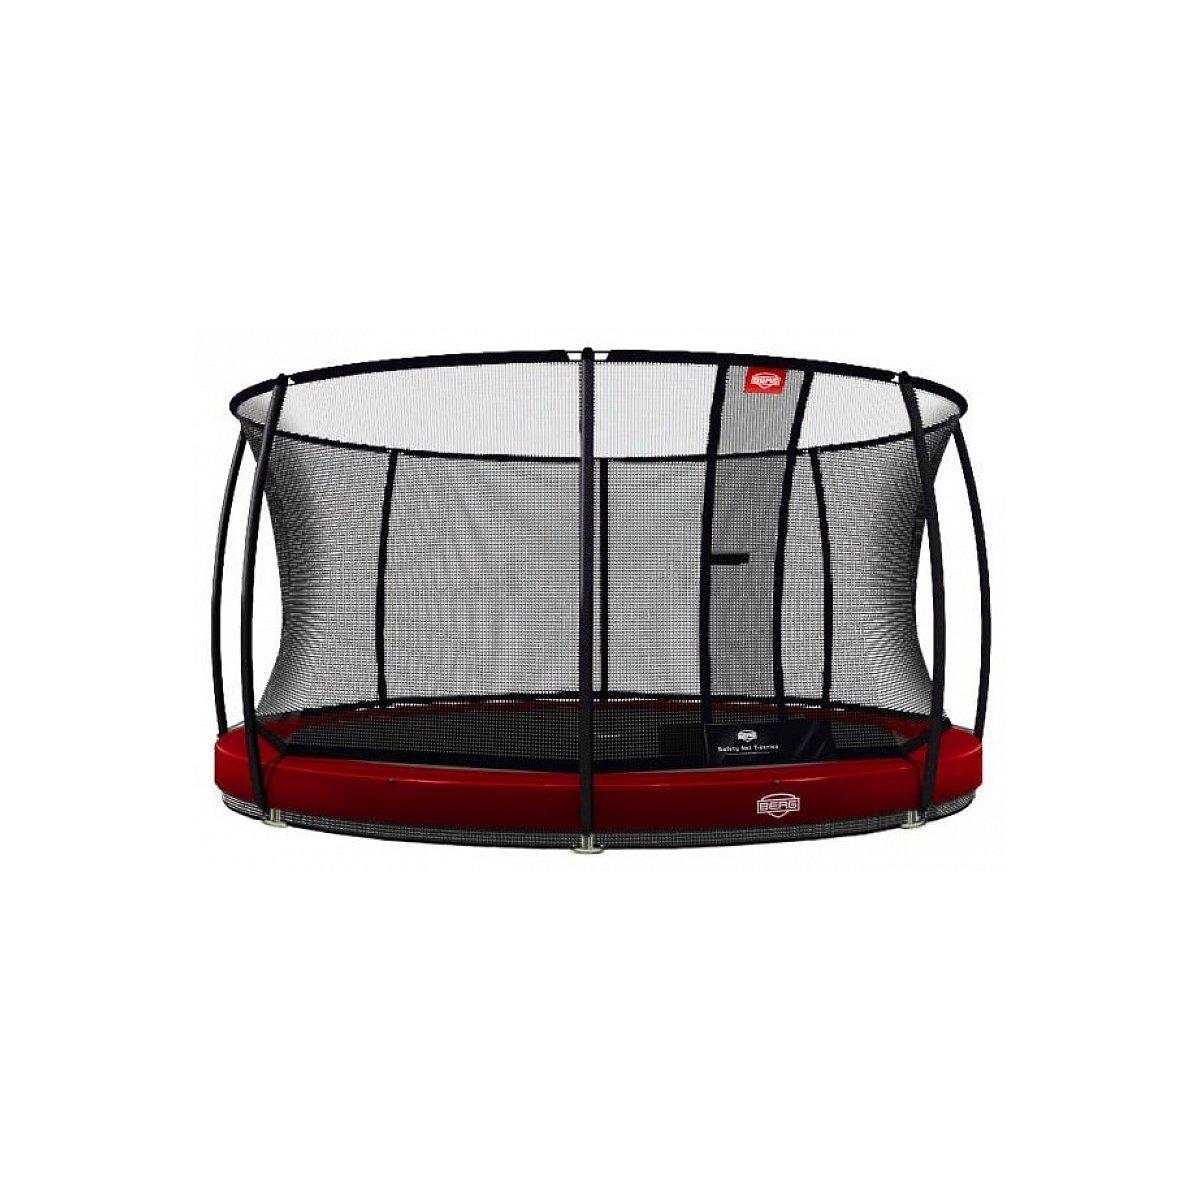 Berg® Trampolin InGround Elite mit Sicherheitsnetz Deluxe, ø 430 cm, Rot